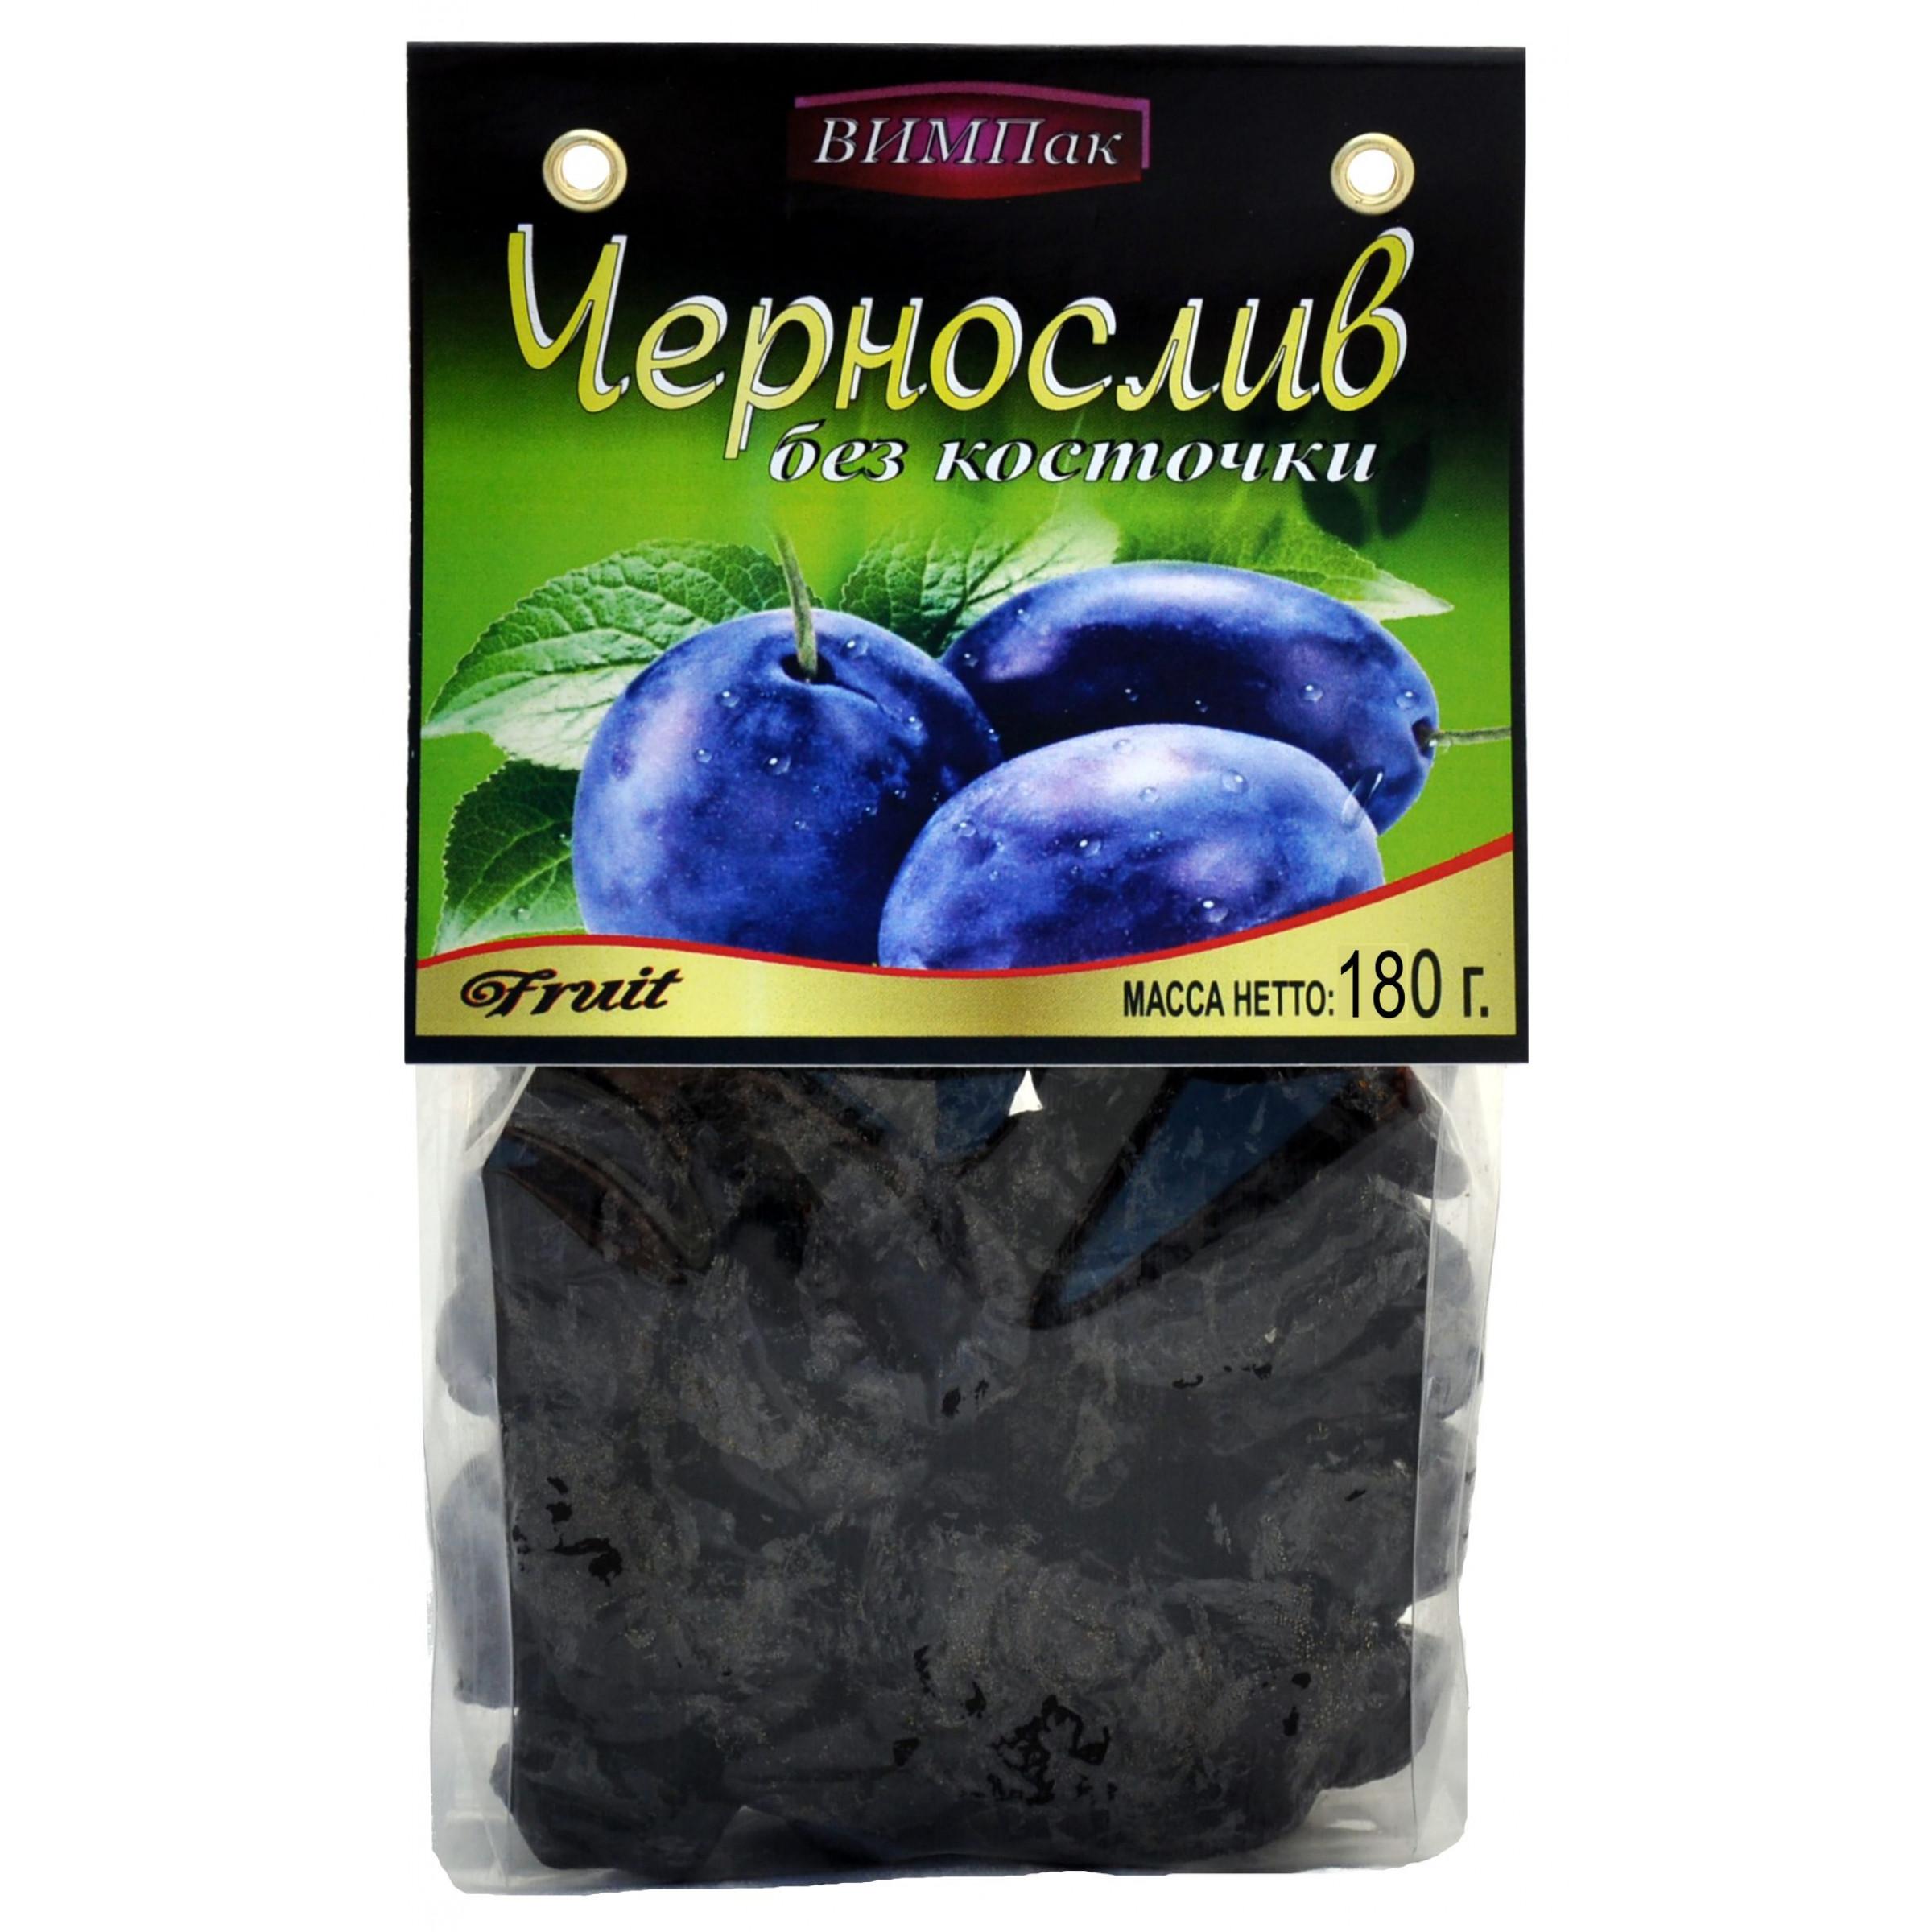 Сливы ( чернослив ) ВИМПак сушенные без косточек Автонов, 180гр